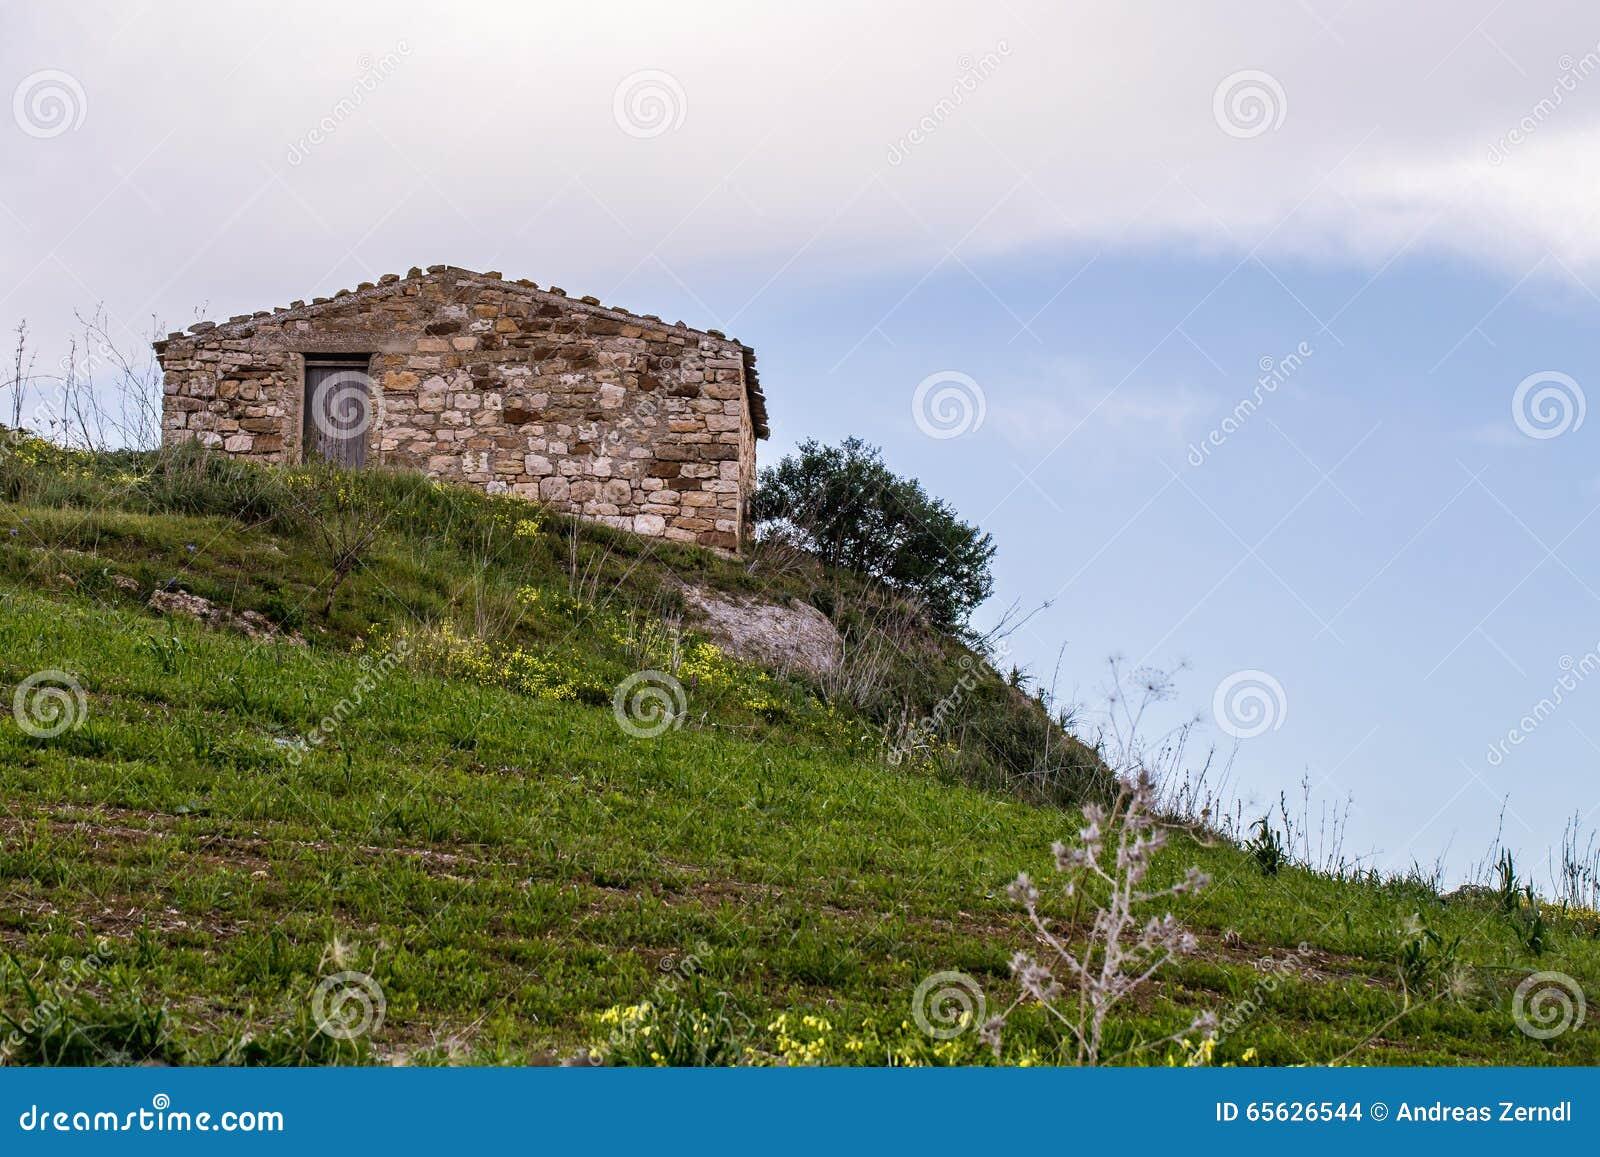 Hutte en pierre sur le flanc de coteau, Sicile, Italie